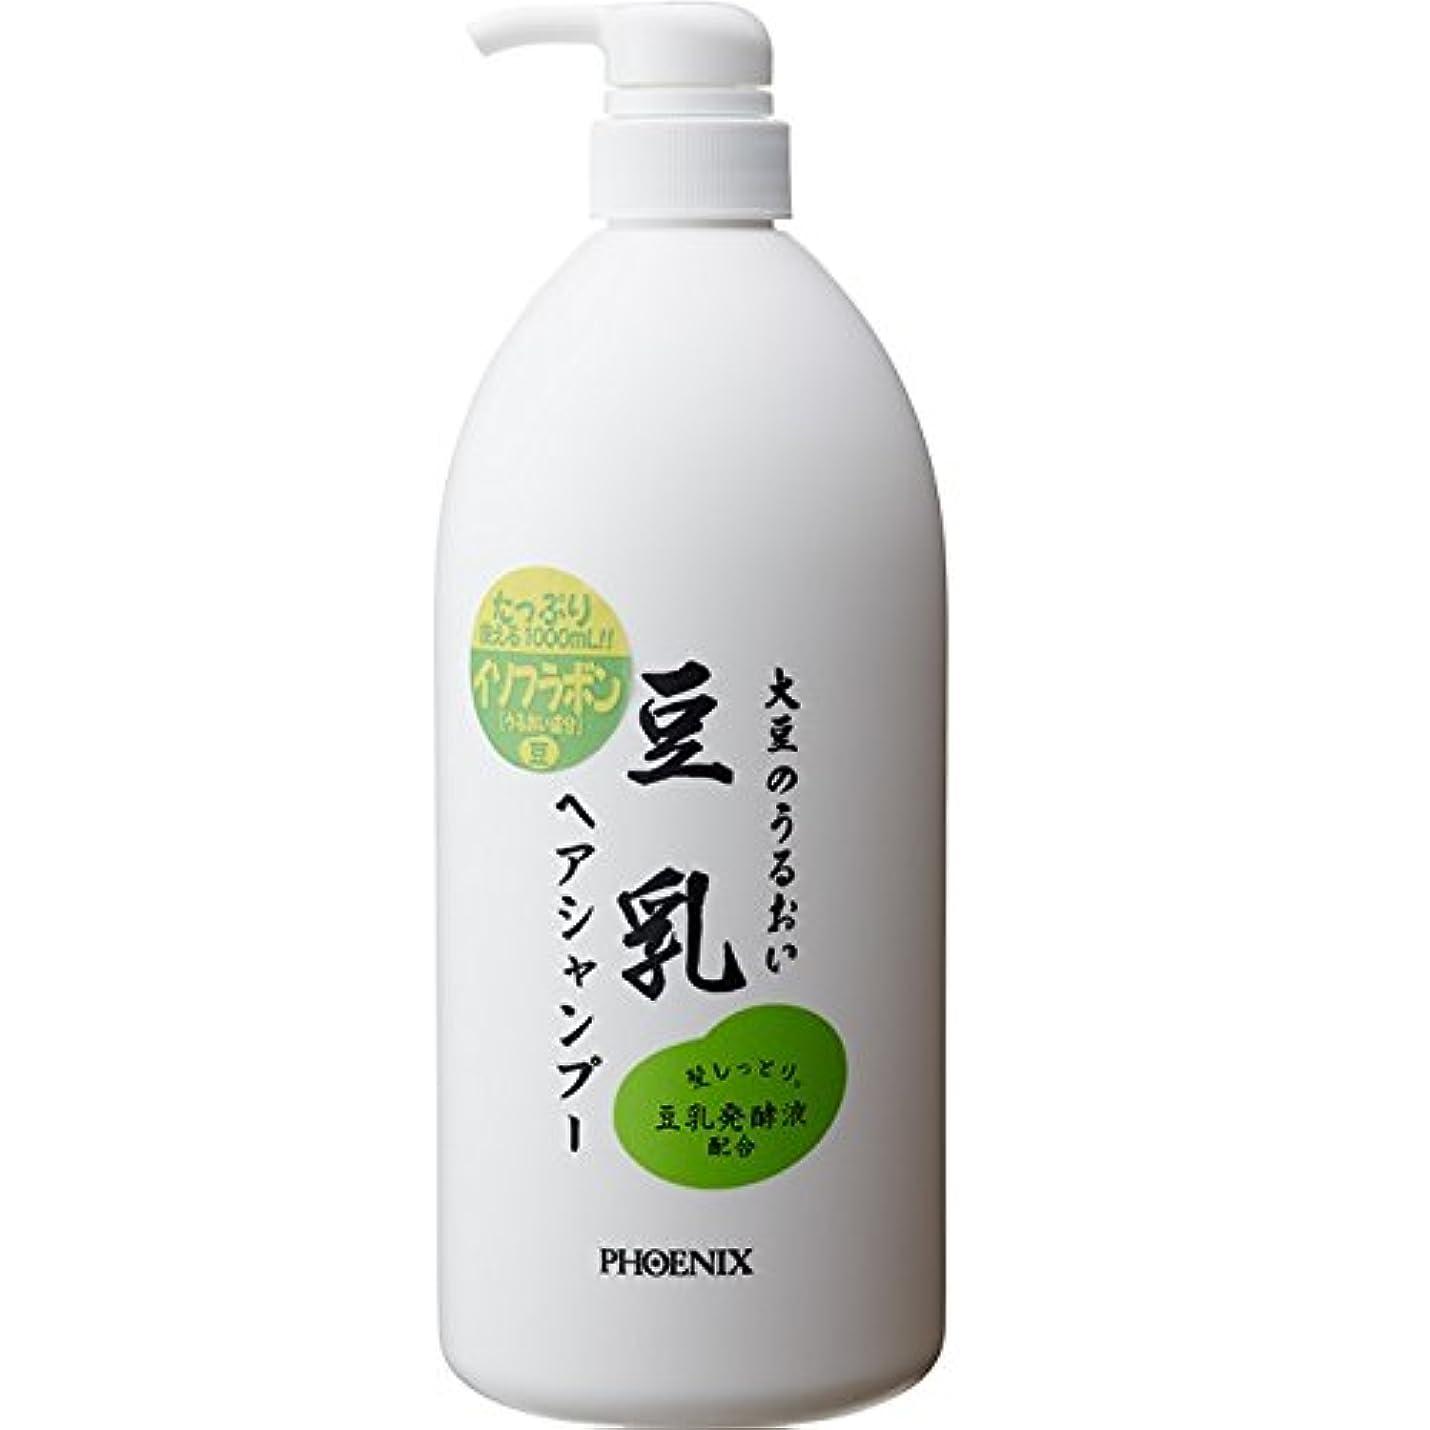 ビーズプレゼン降雨【ケース販売】豆乳ヘアシャンプー 1L×10本